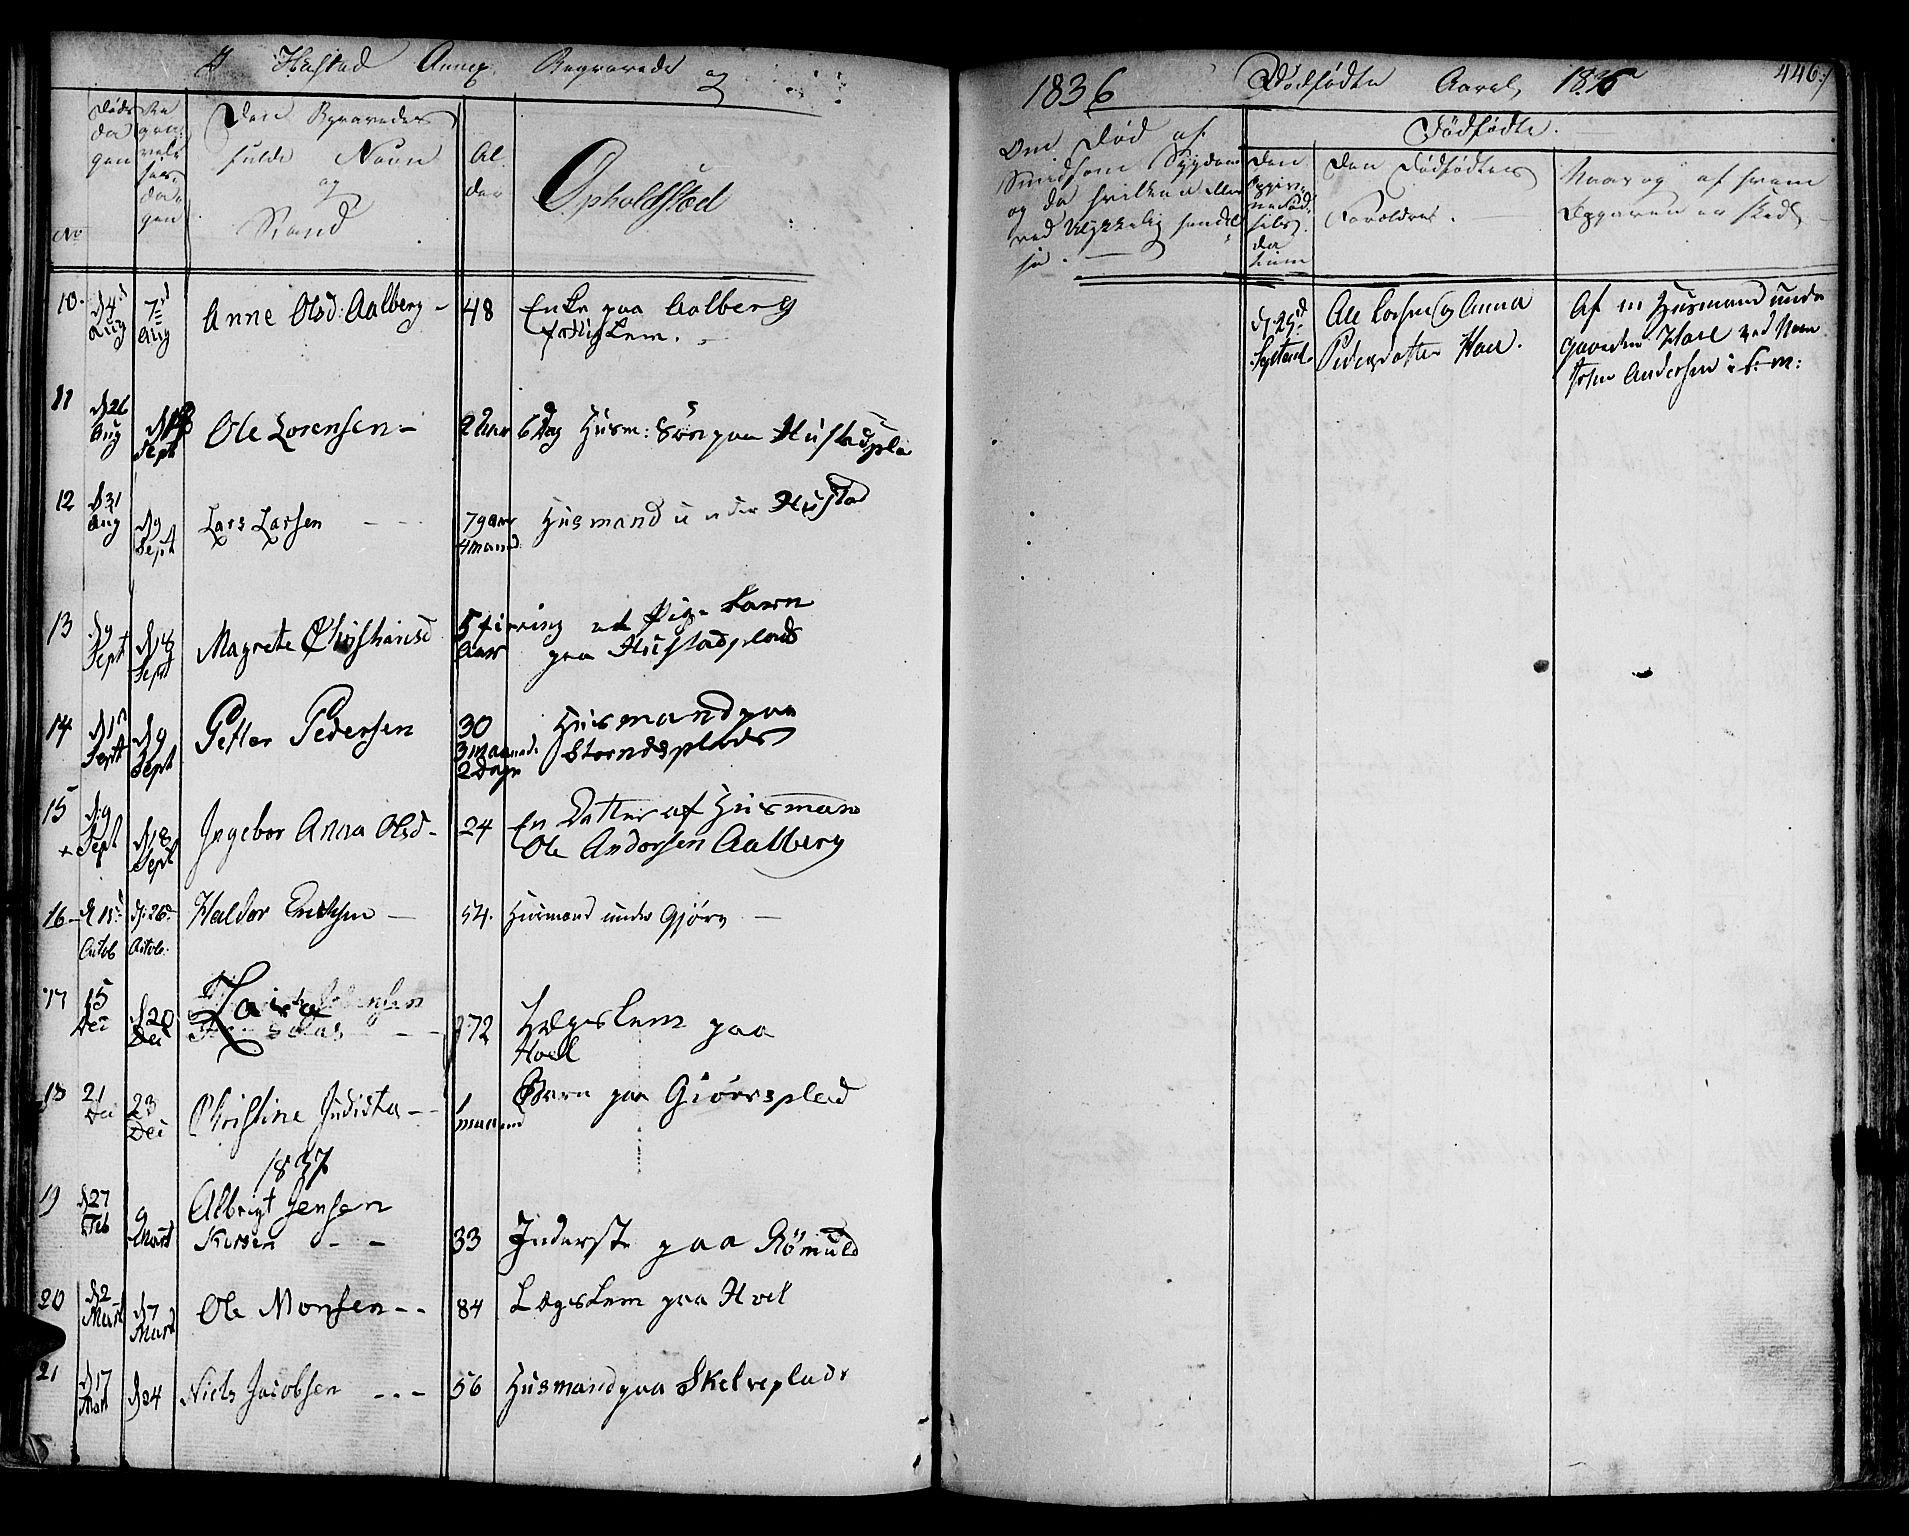 SAT, Ministerialprotokoller, klokkerbøker og fødselsregistre - Nord-Trøndelag, 730/L0277: Ministerialbok nr. 730A06 /3, 1830-1839, s. 446